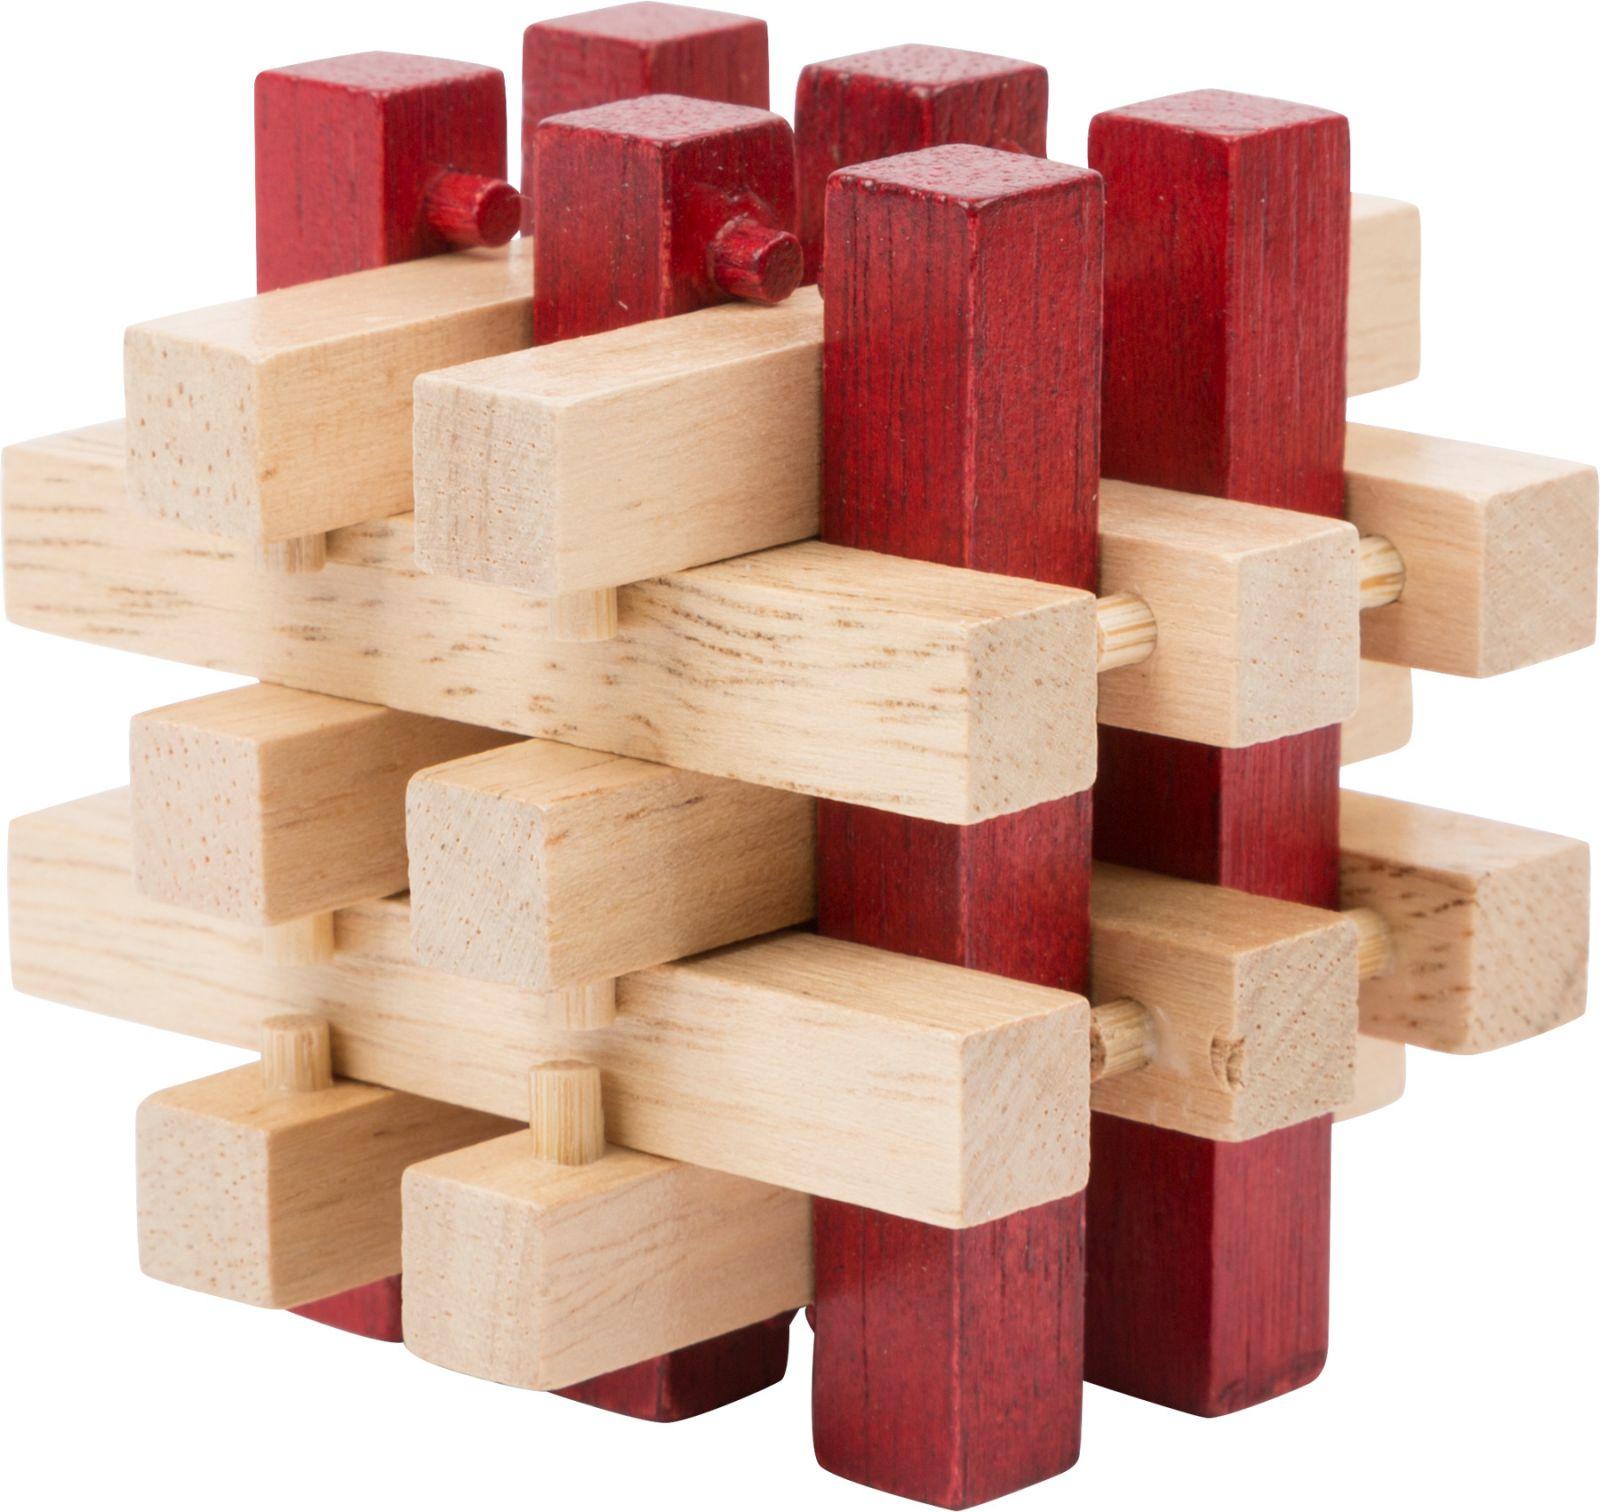 Dřevěné hračky Small Foot Dřevěný hlavolam 1ks číslo 3 Small foot by Legler